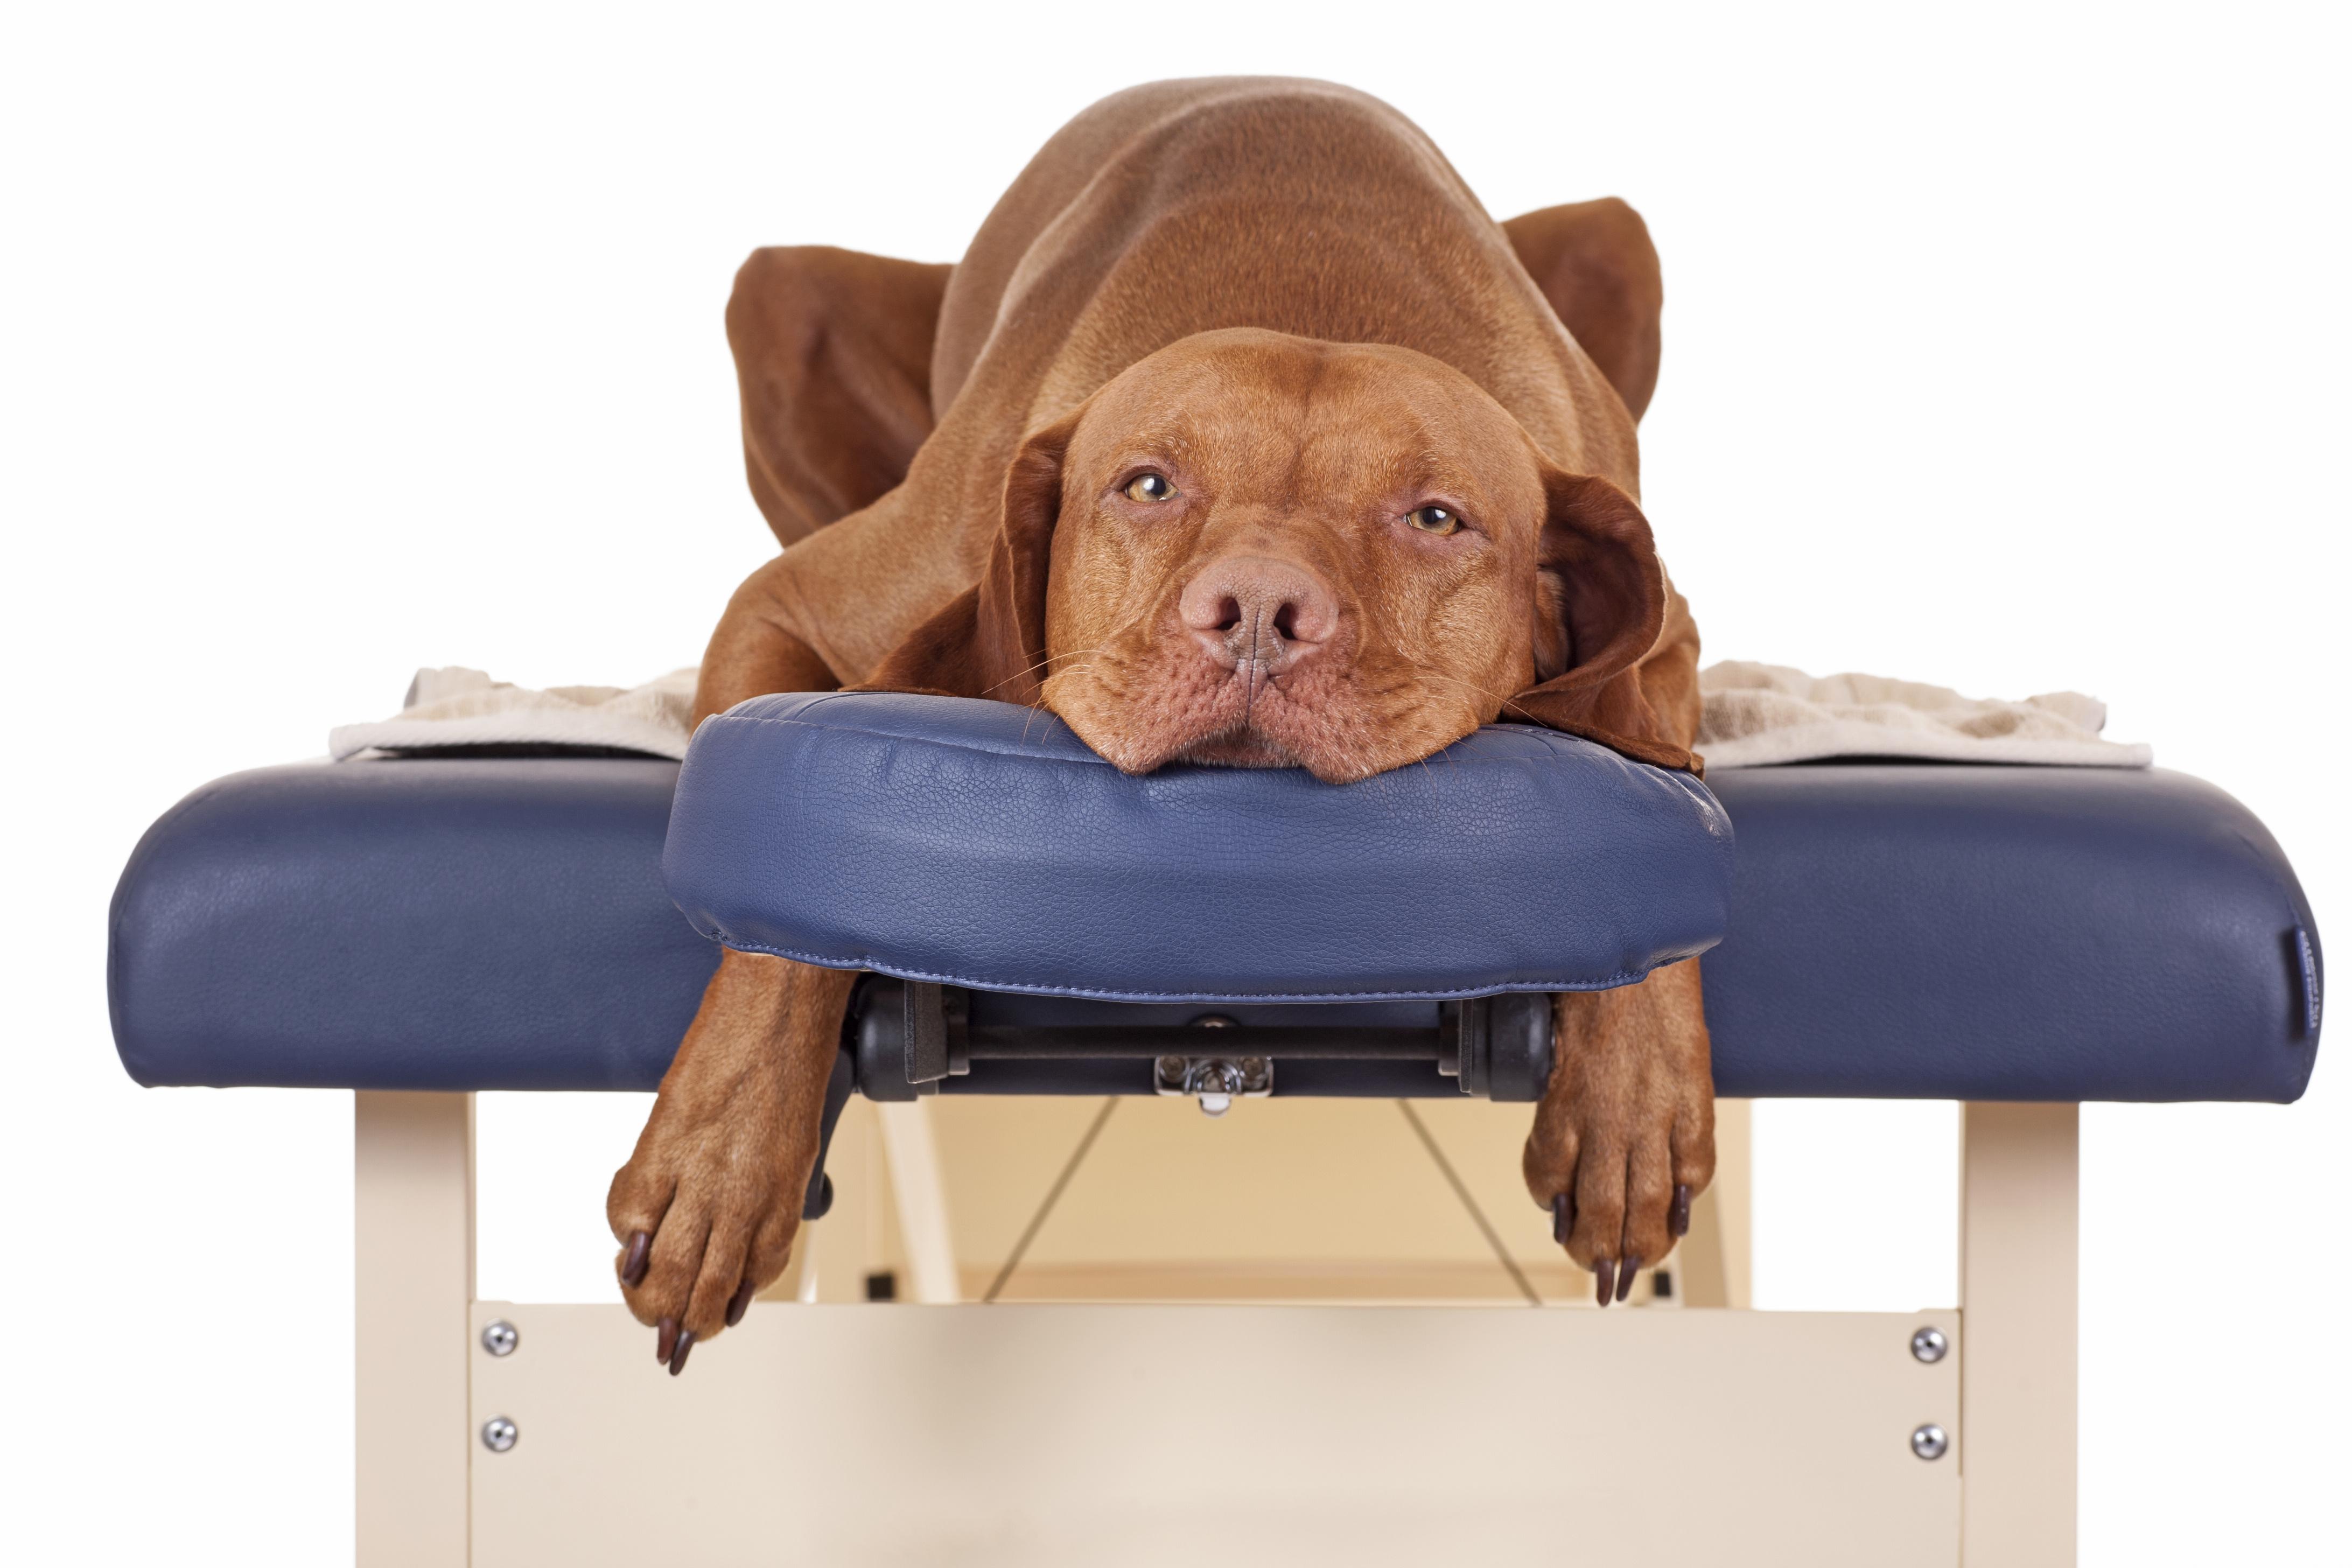 Hundeosteopathie: Die Osteopathie für den Hund. Bild: Quasarphoto/fotolia)